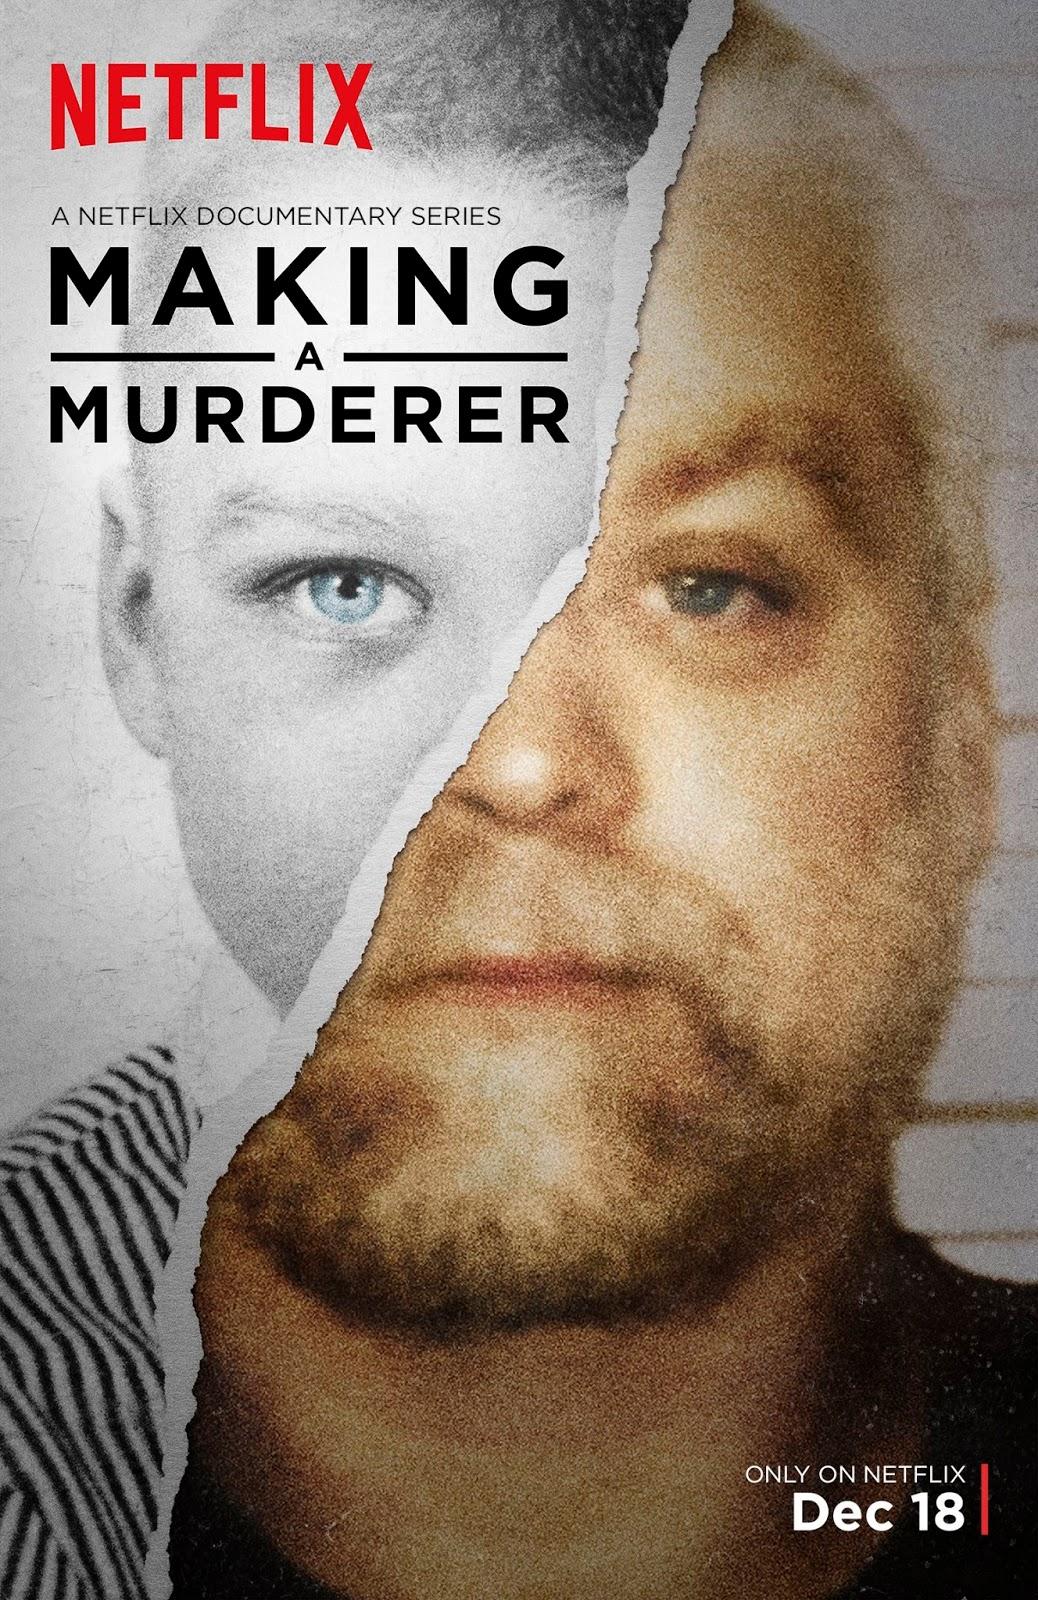 making a murderer, netflix, making a murderer hd, making a murderer download, making a murderer stream